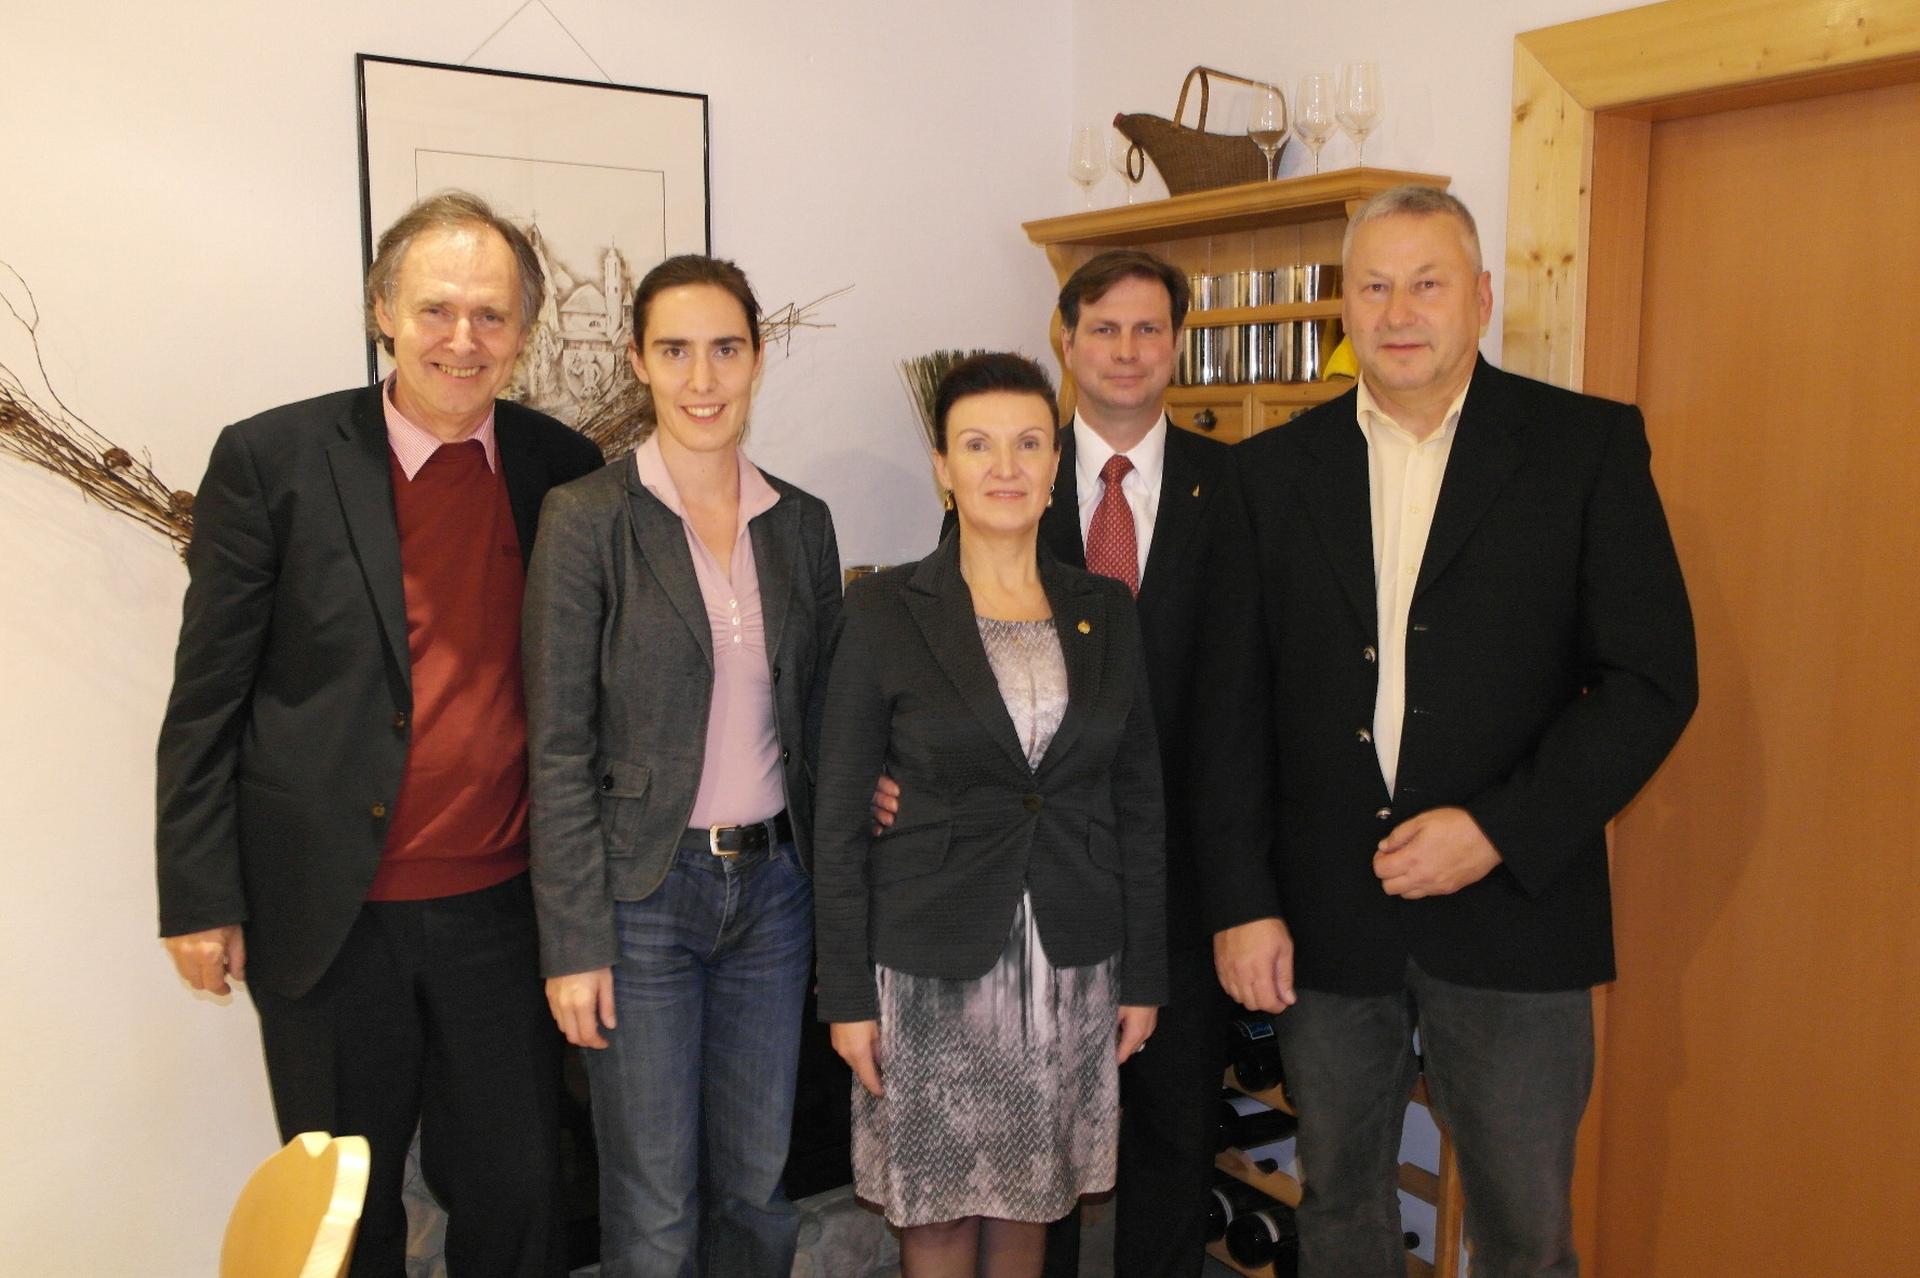 Familie Habsburg-Lothringen mit Oberst Struger 2014